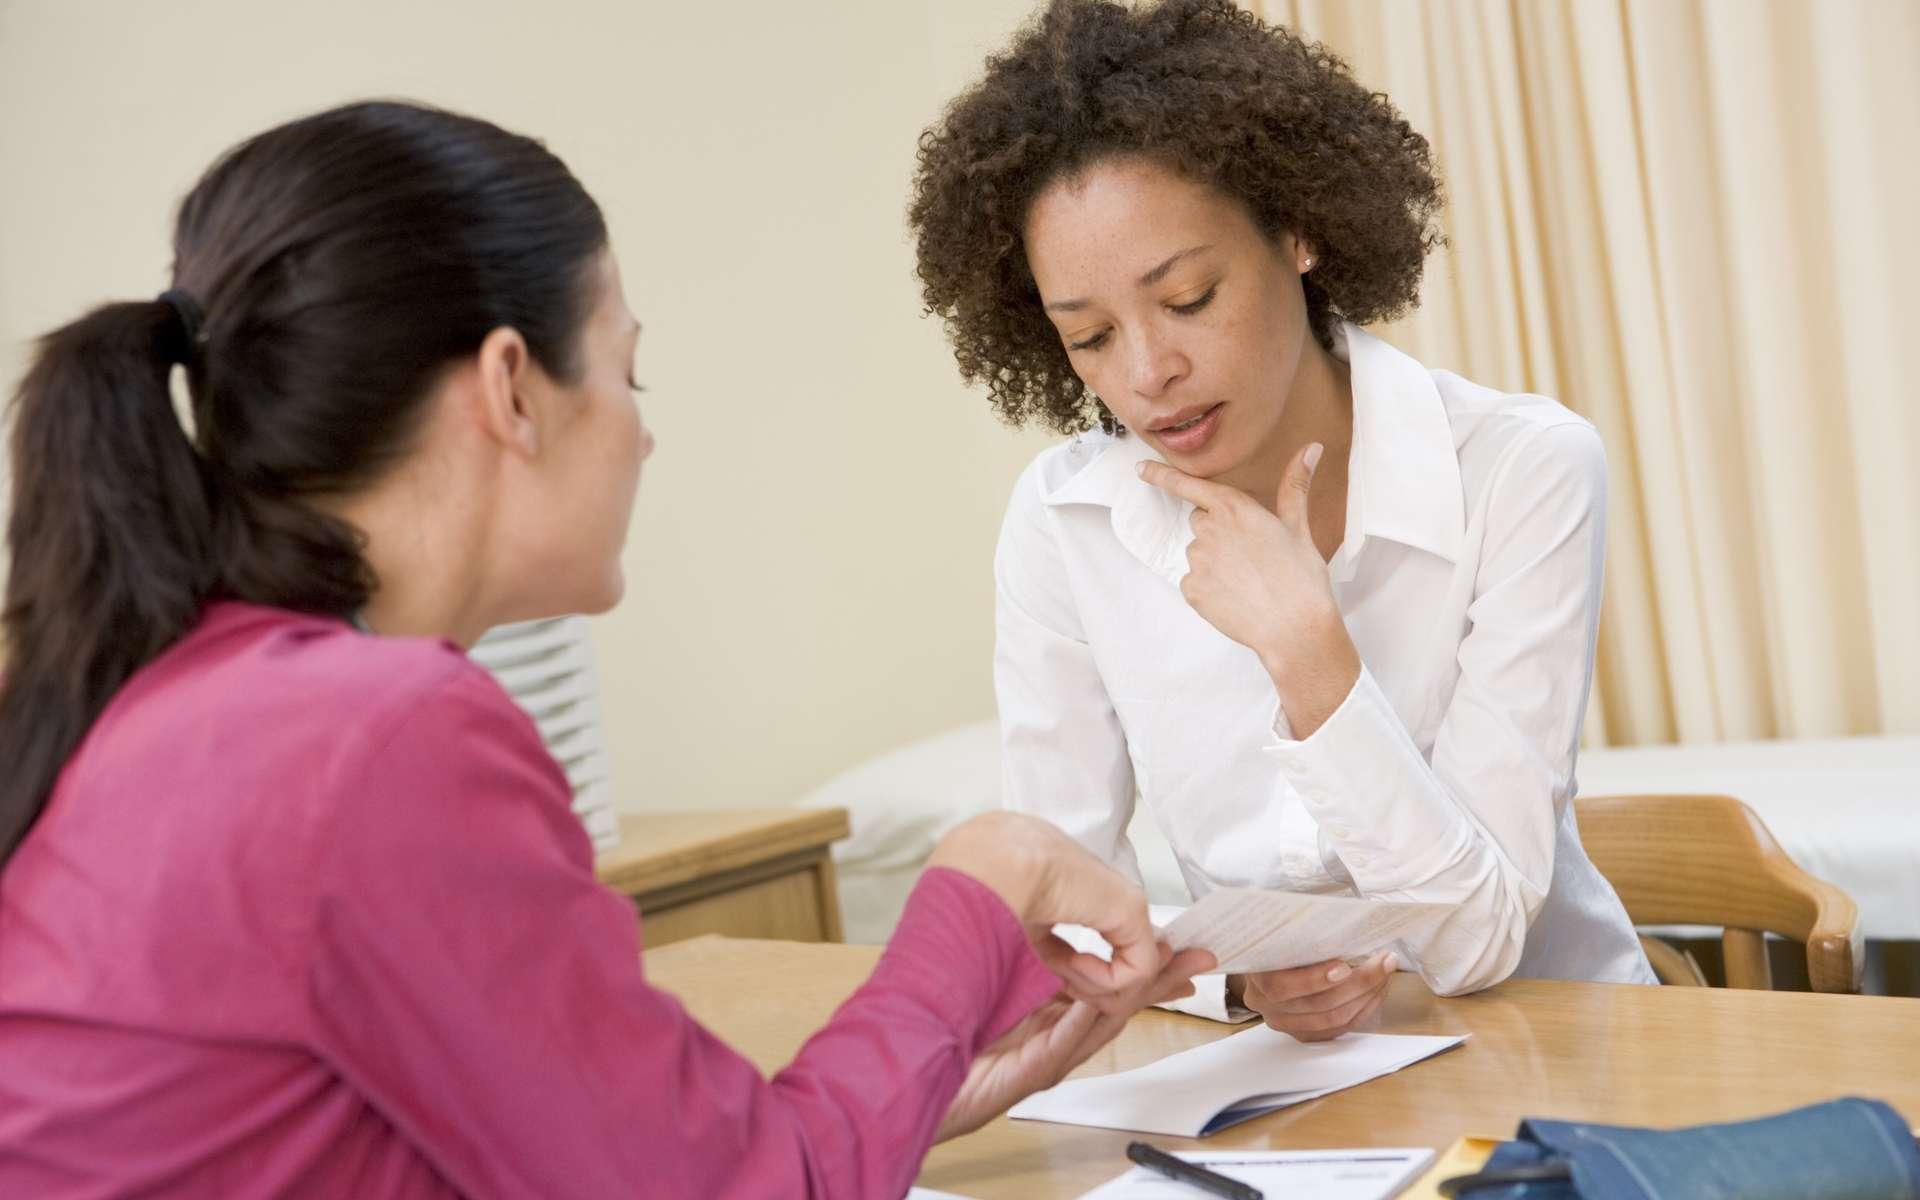 Même à l'âge adulte, l'orthophonie peut aider à vaincre le bégaiement. © Phovoir